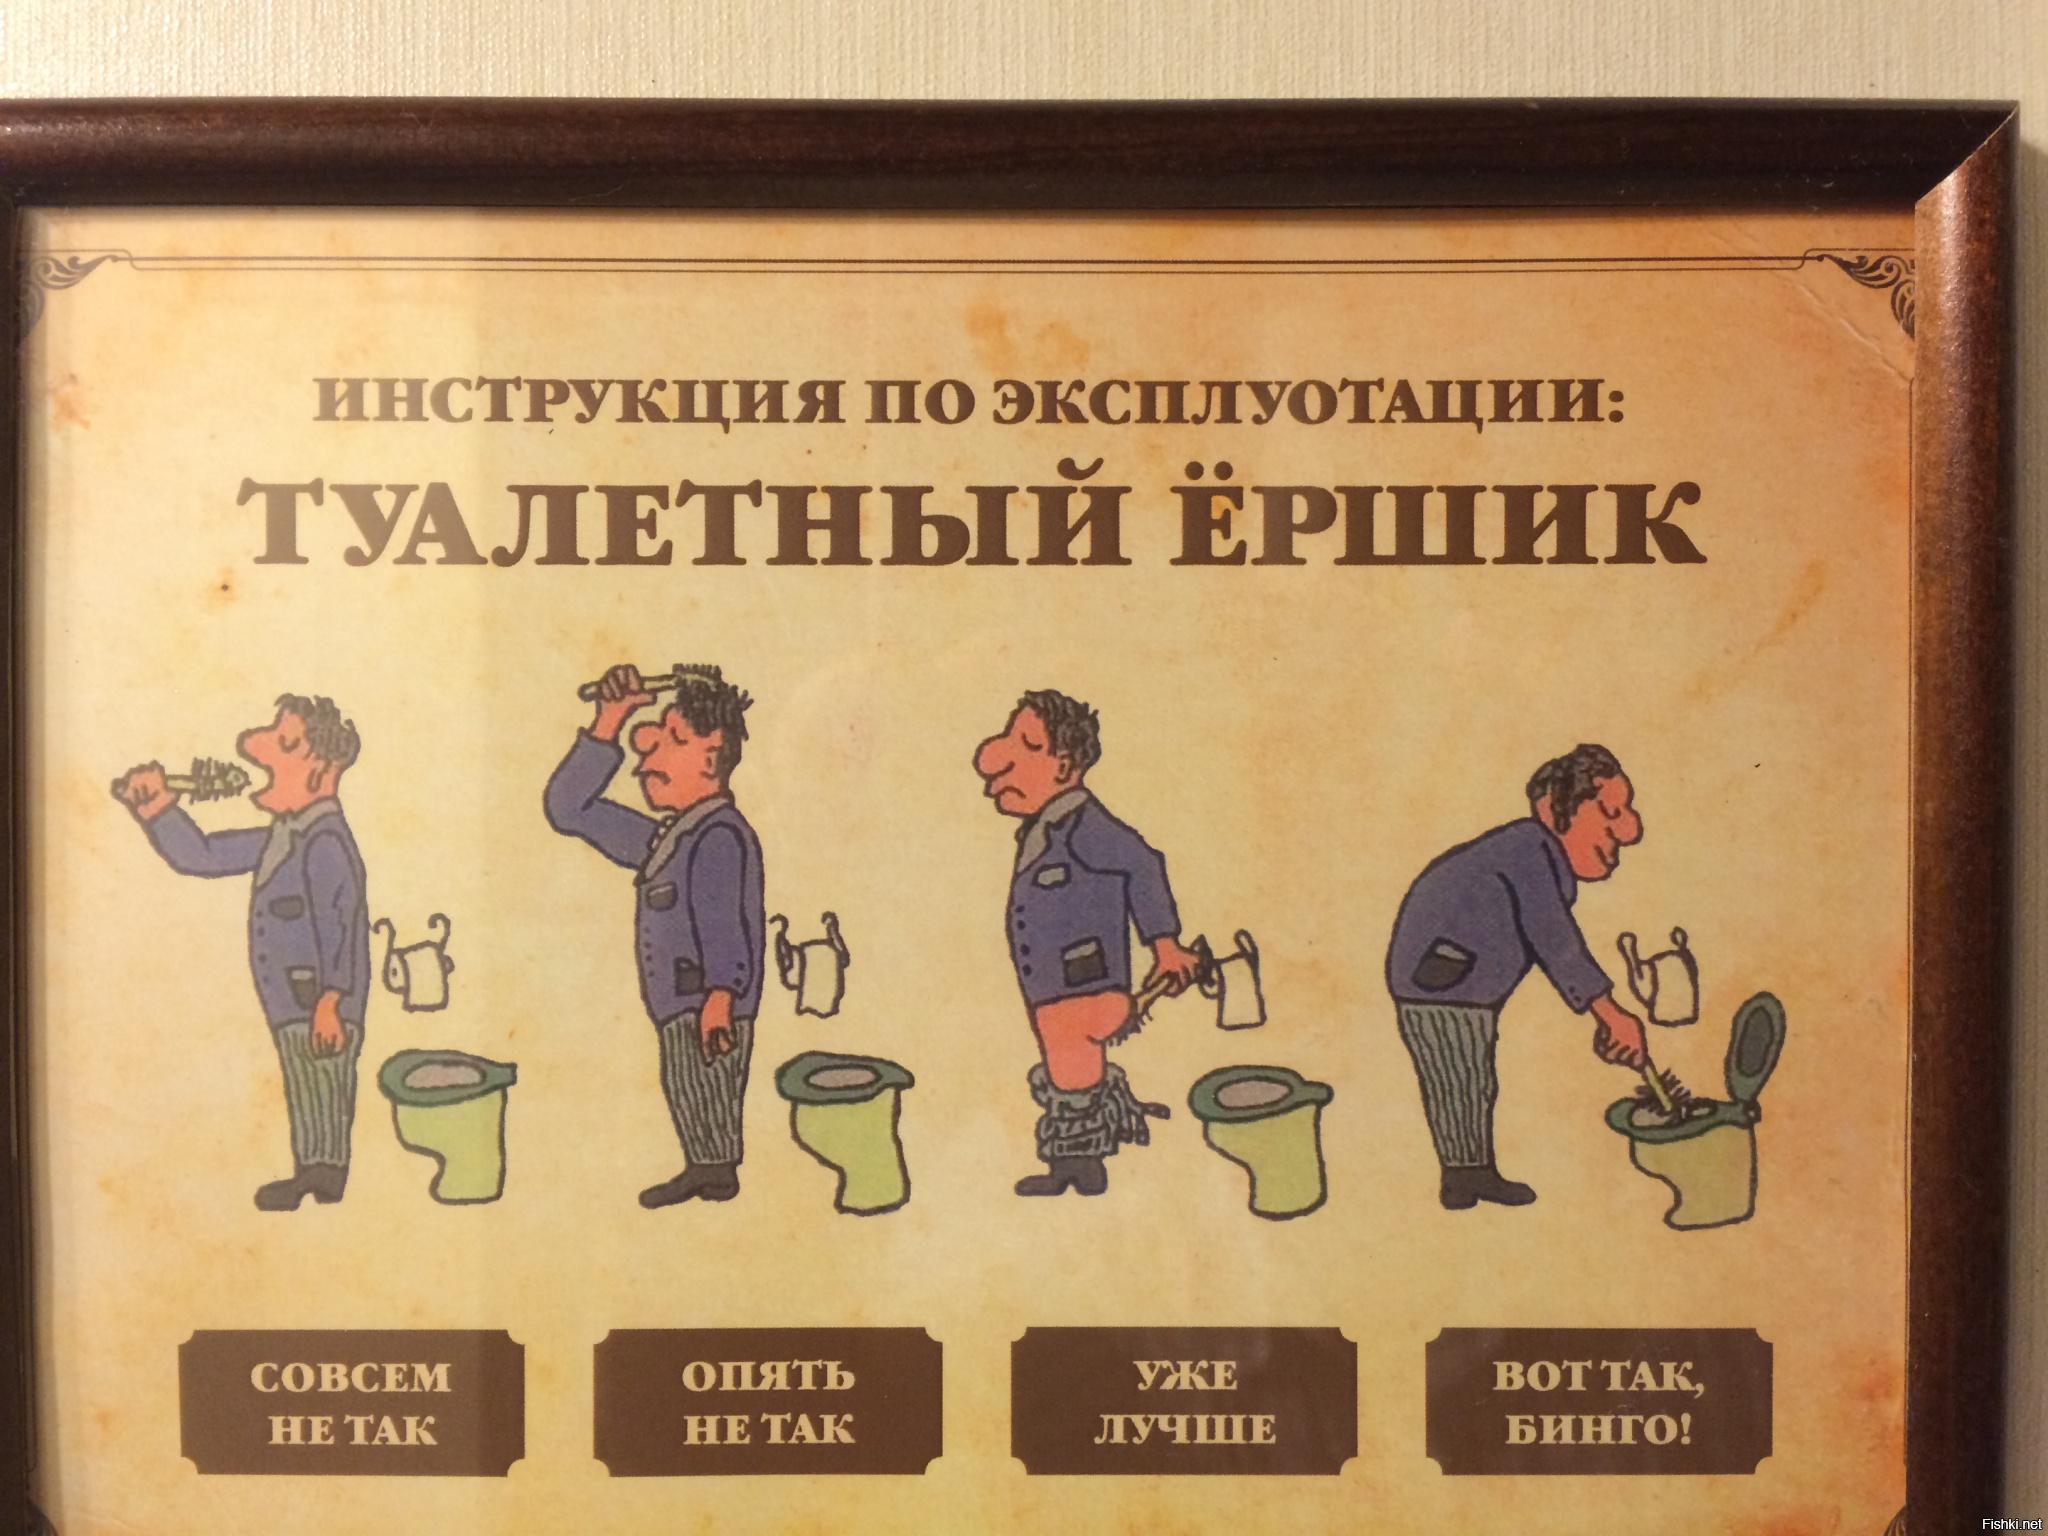 Смешная картинка с инструкцией